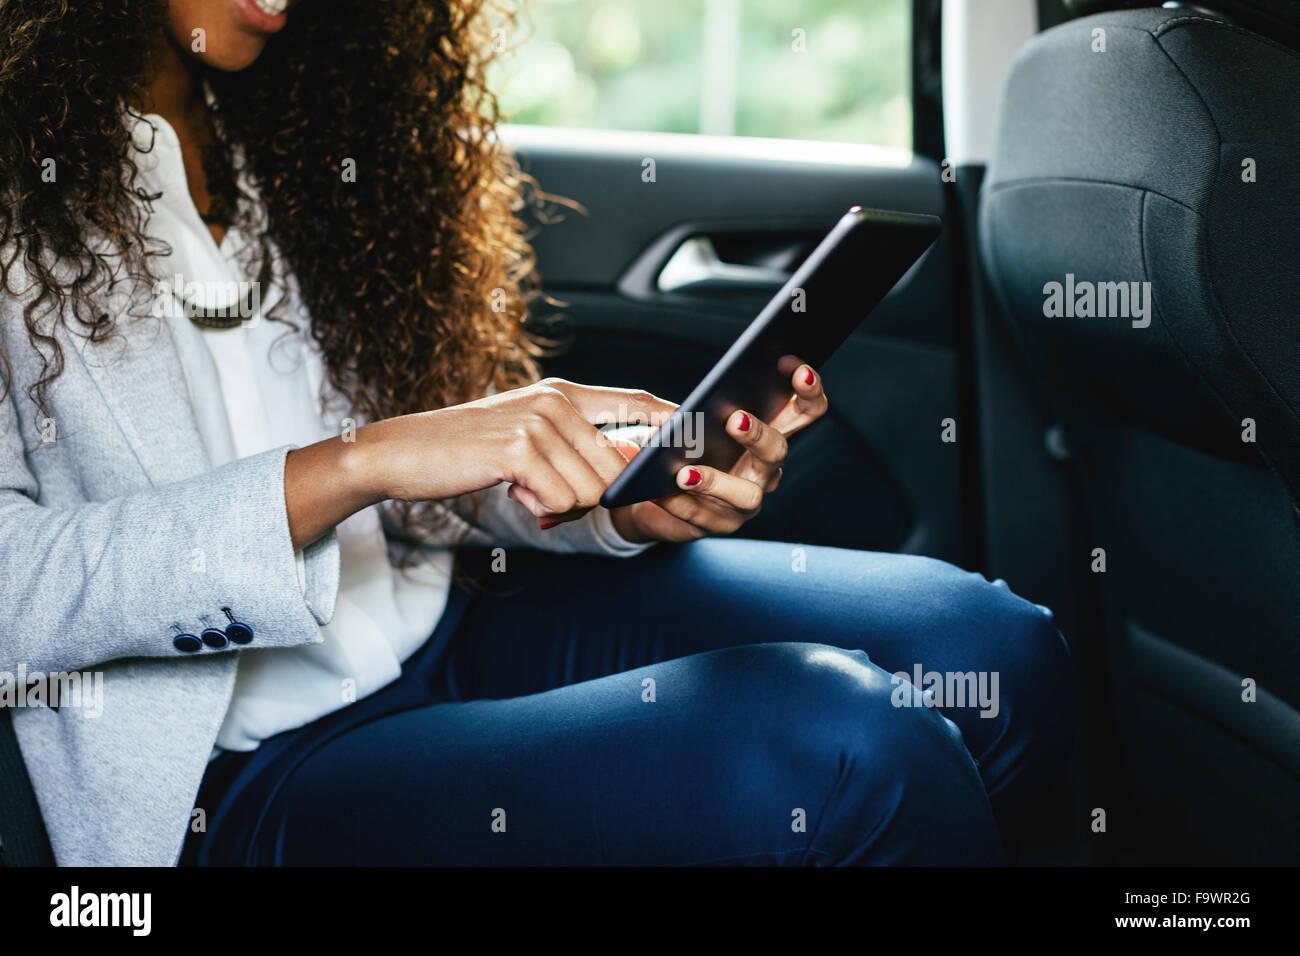 Mujer joven sentada en el asiento de atrás de un coche con mini tableta, close-up Imagen De Stock